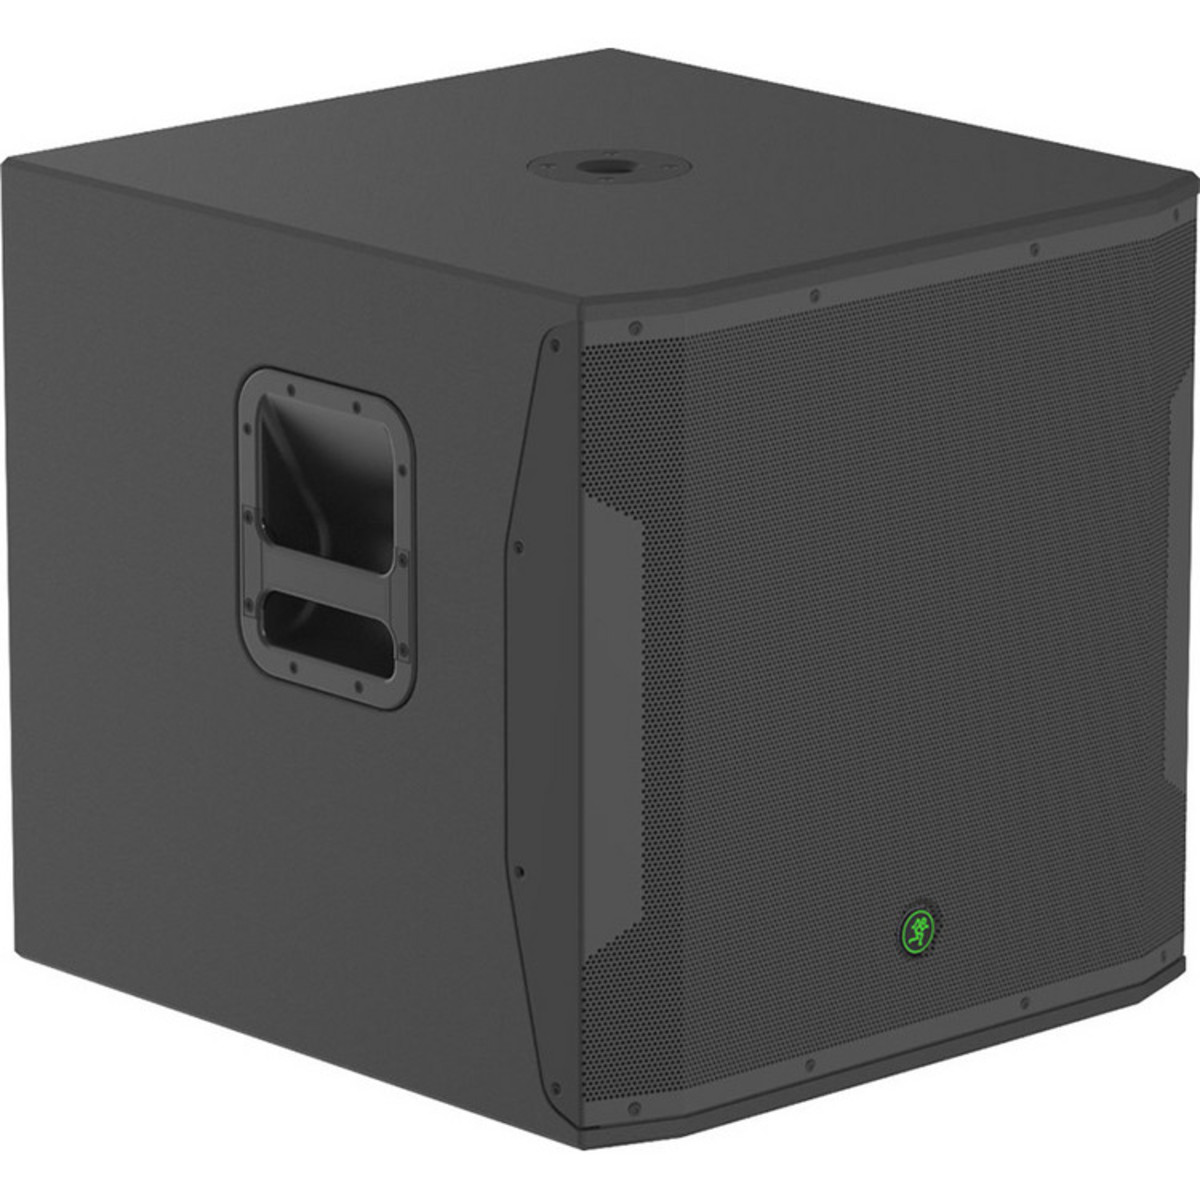 mackie srm1850 18 inch active subwoofer speaker ex demo at. Black Bedroom Furniture Sets. Home Design Ideas